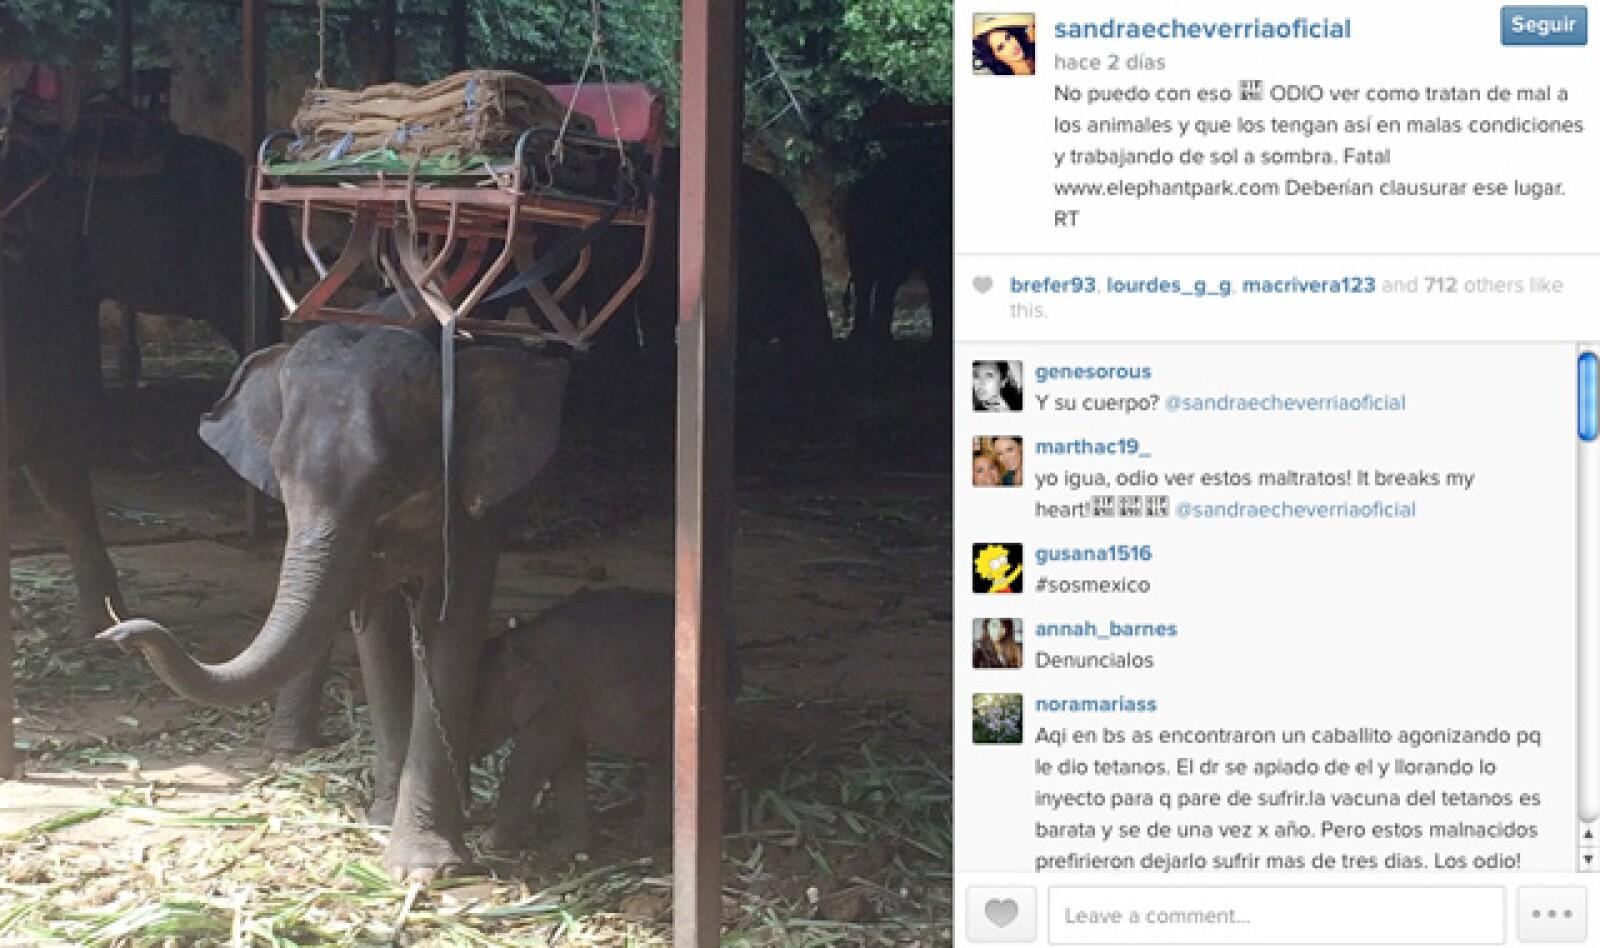 Sandra mostró su disgusto por el maltrato de animales, y a través de sus redes sociales, pidió que por medio de retuits, ayudaran a la exposición y cancelación del Elephant Park.